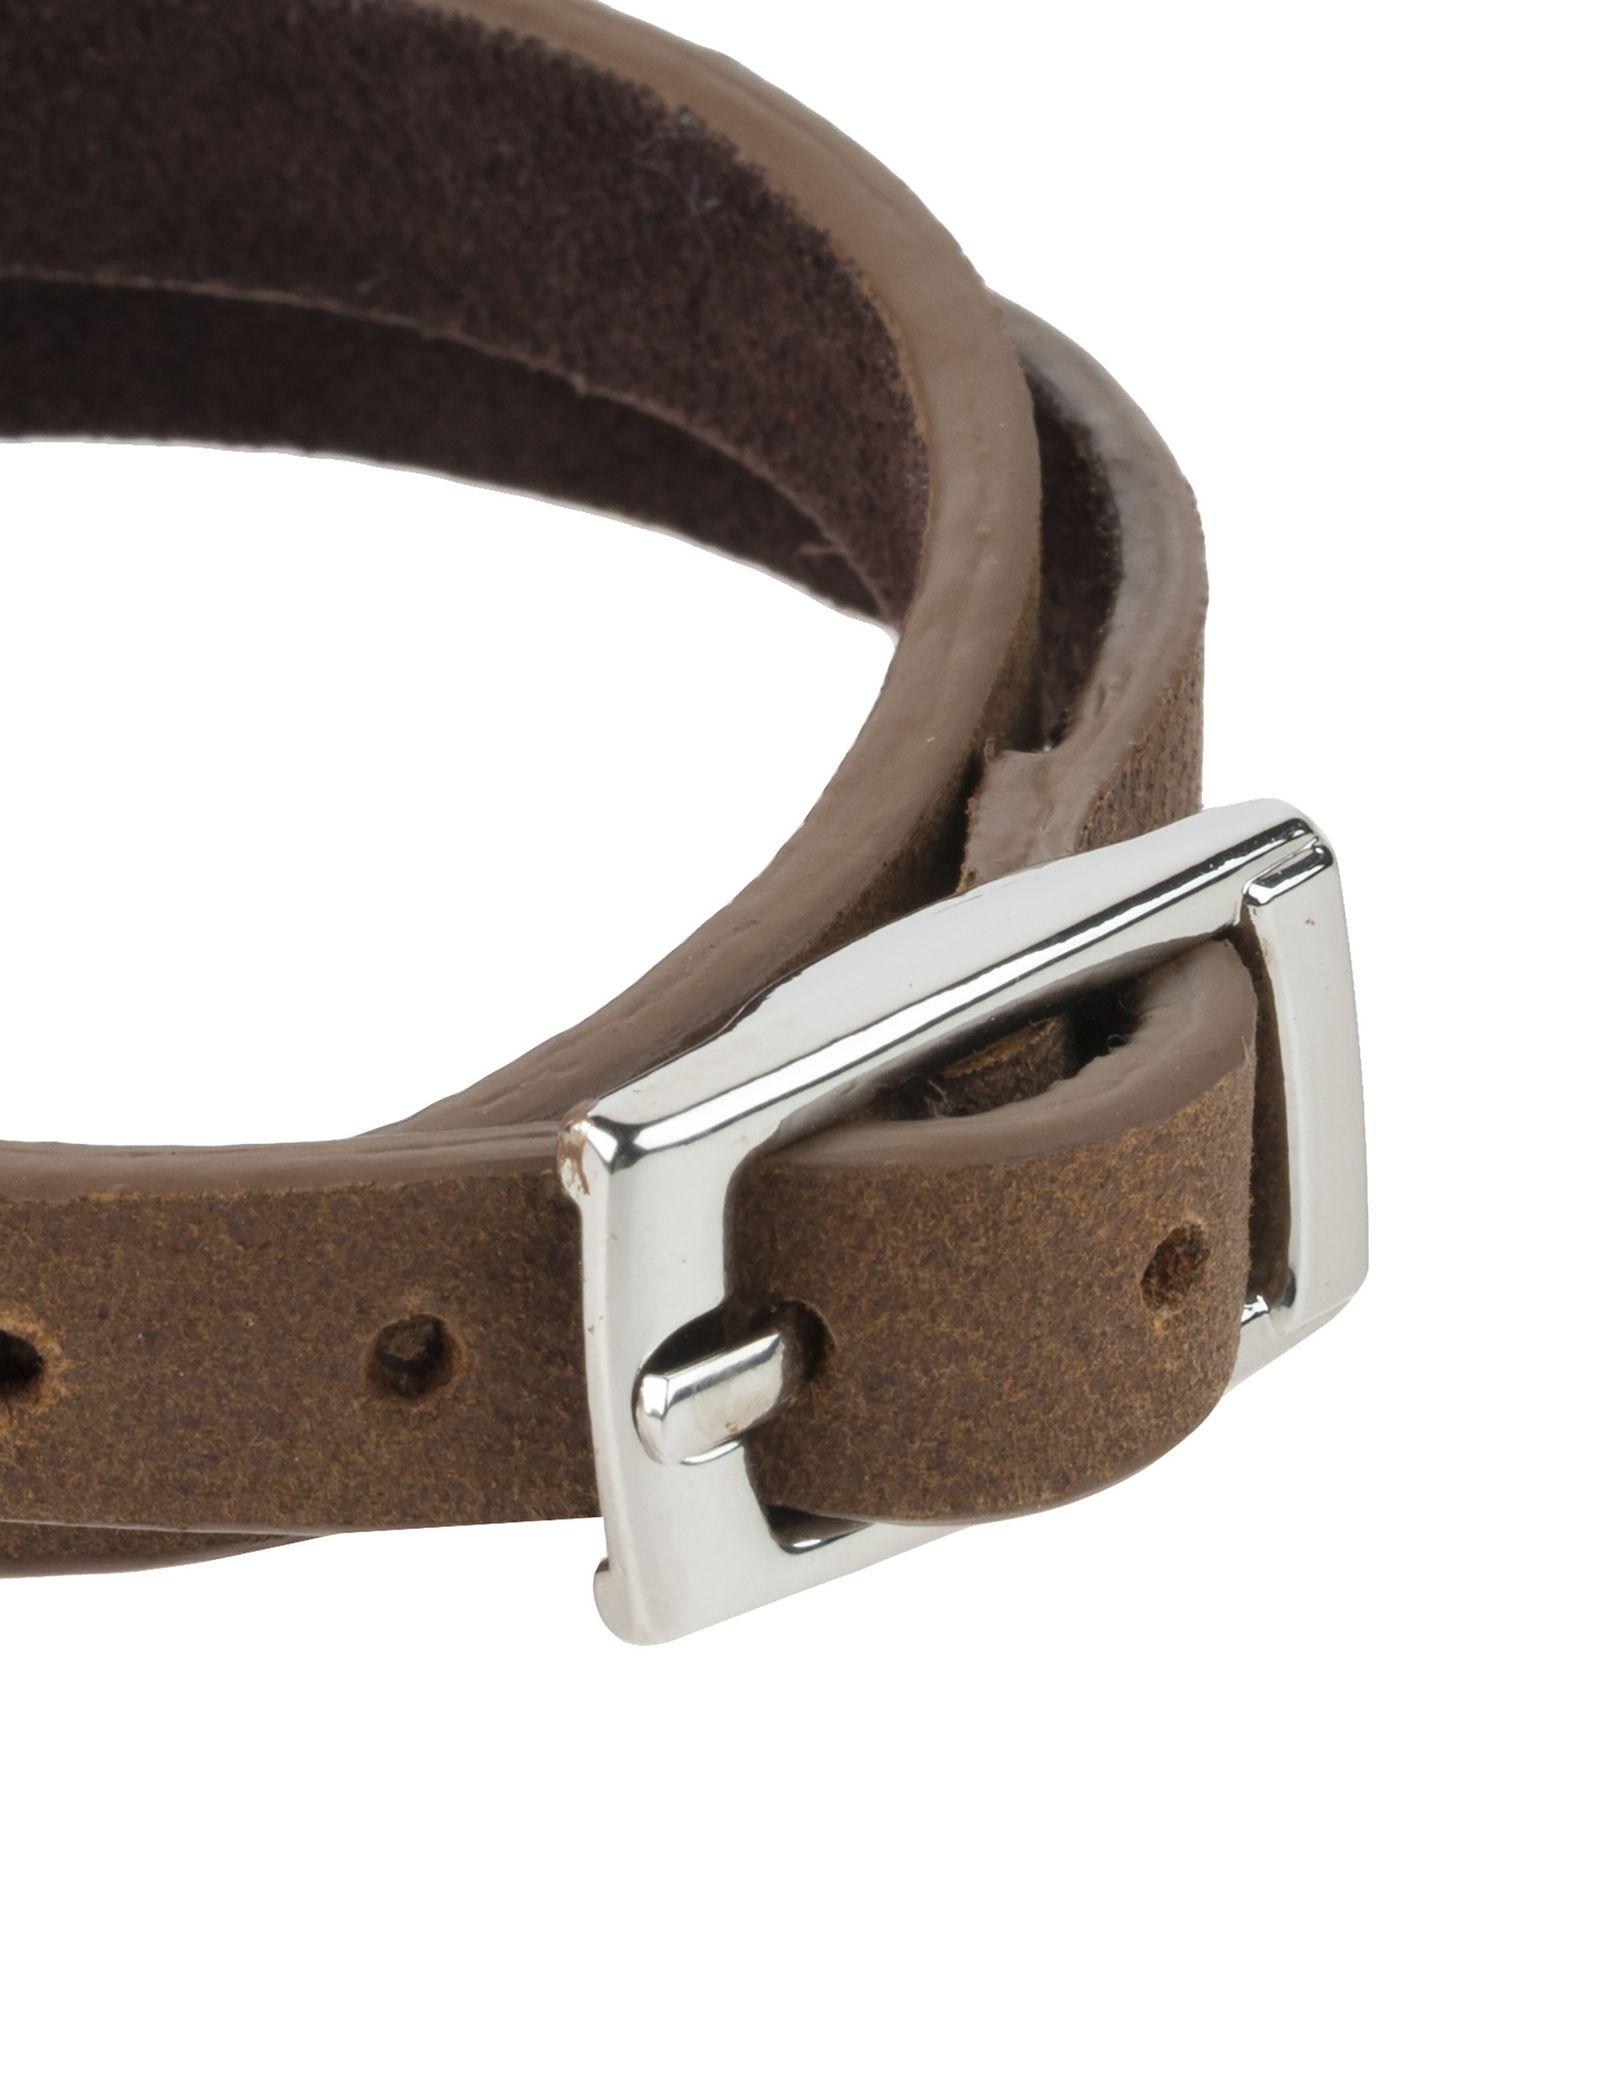 دستبند چرم مردانه - ماکو دیزاین سایز 42 cm - قهوه اي روشن - 4